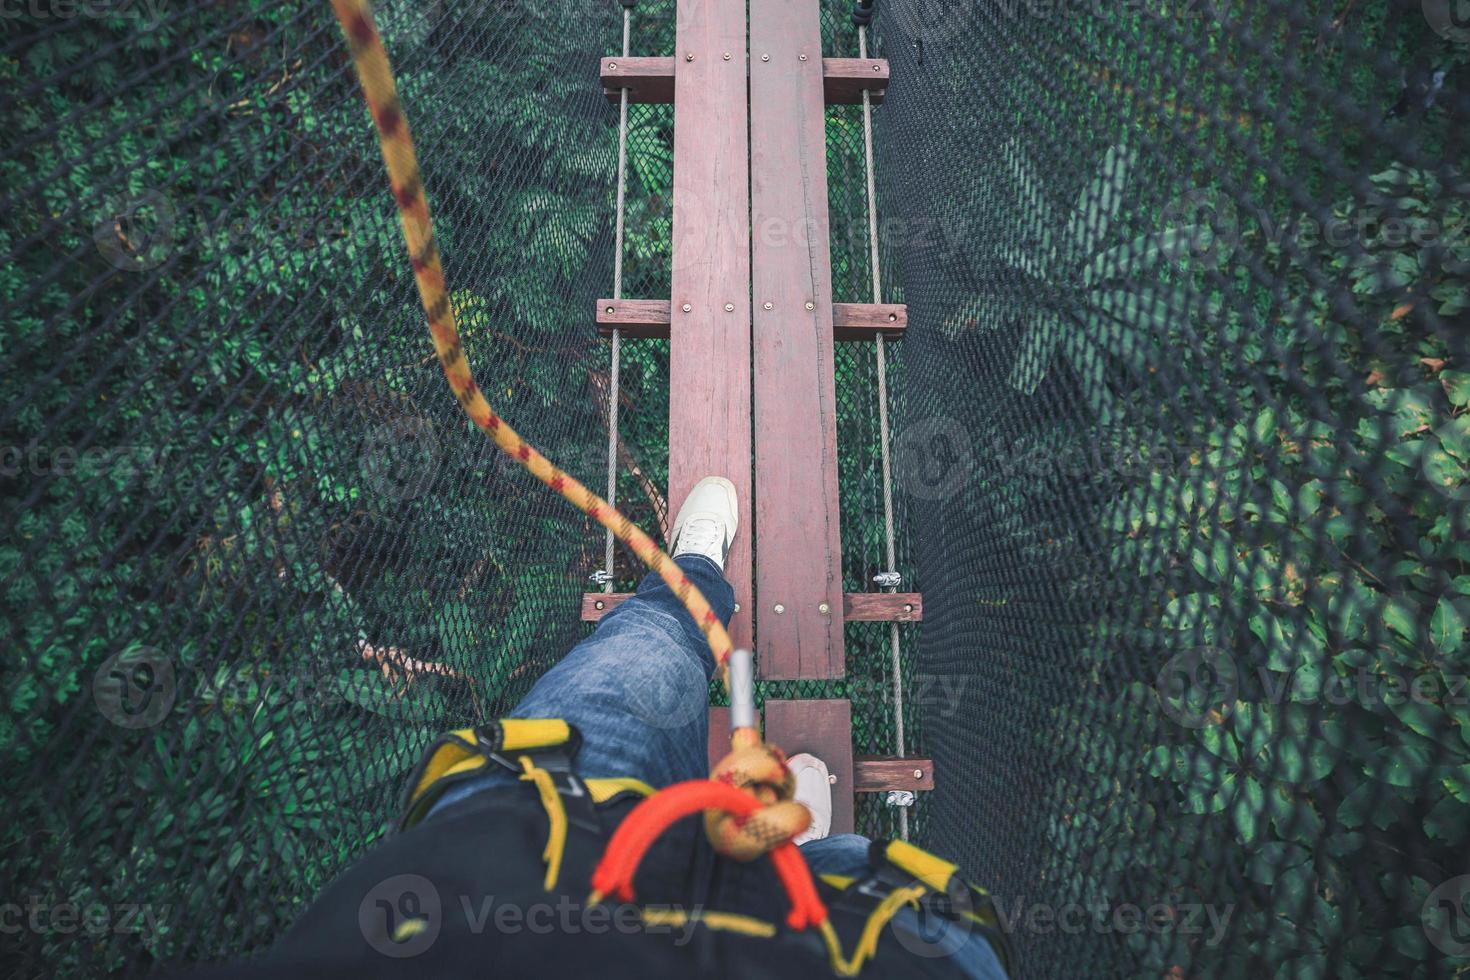 Gehen auf der Brücke auf dem Baum foto